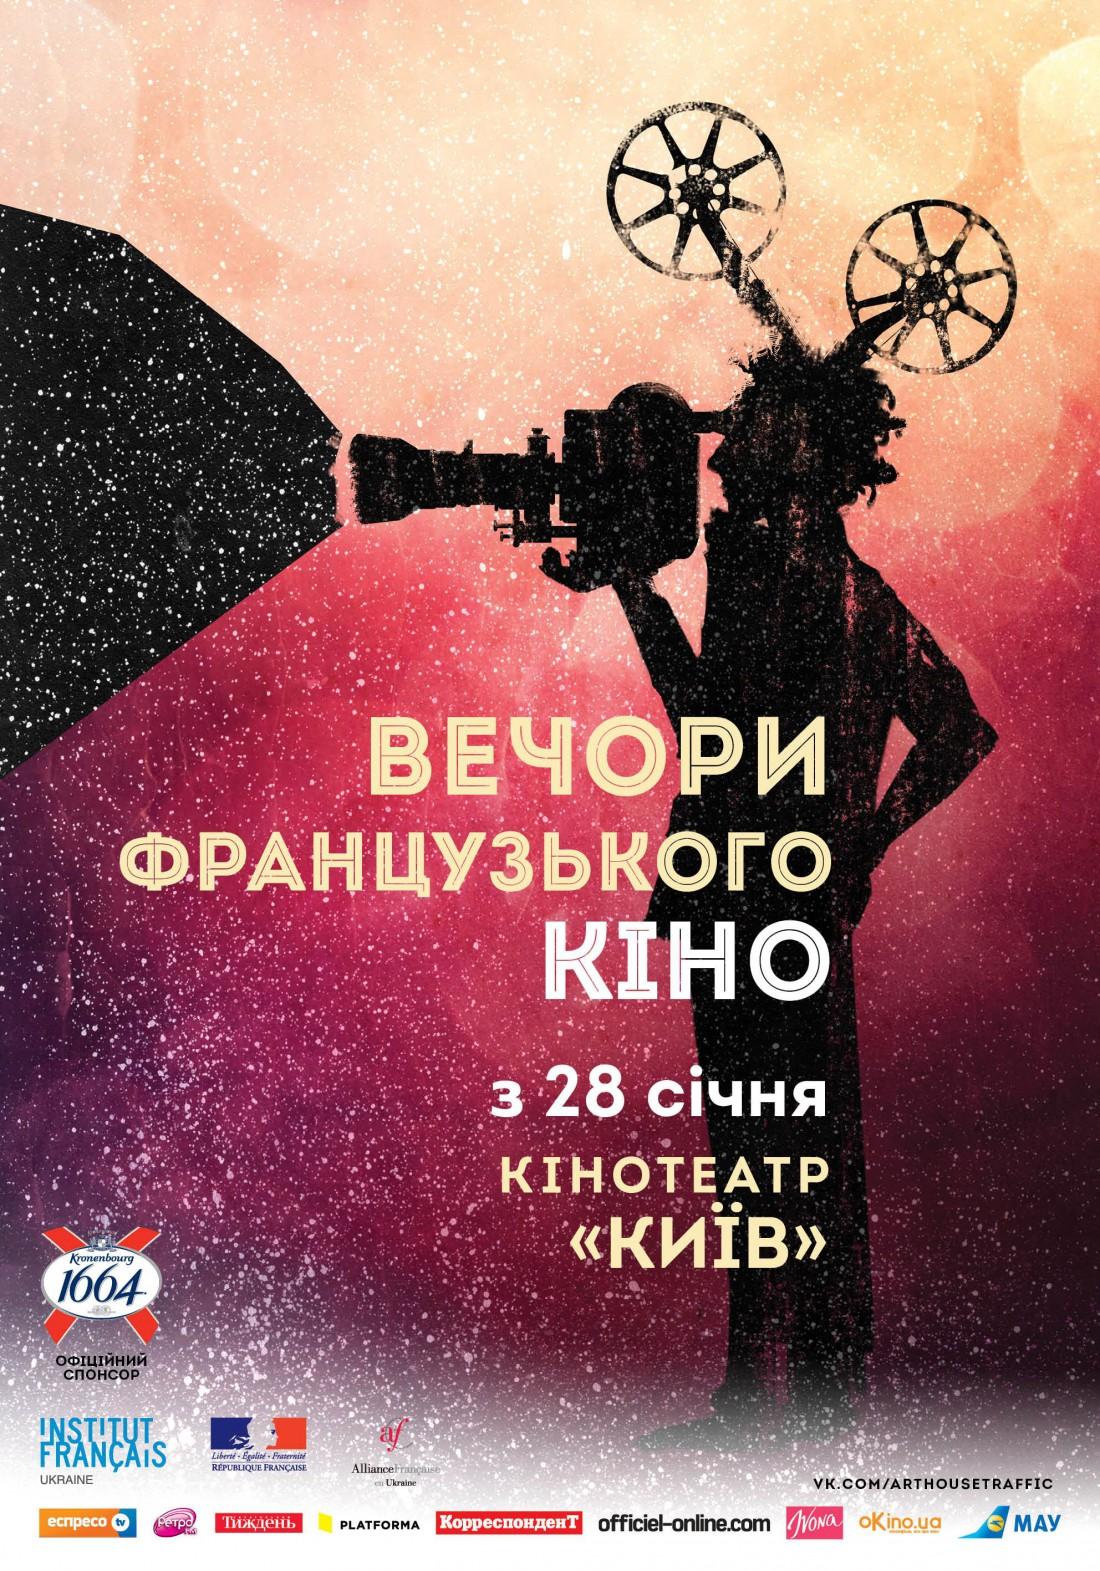 Фестиваль Вечера французского кино